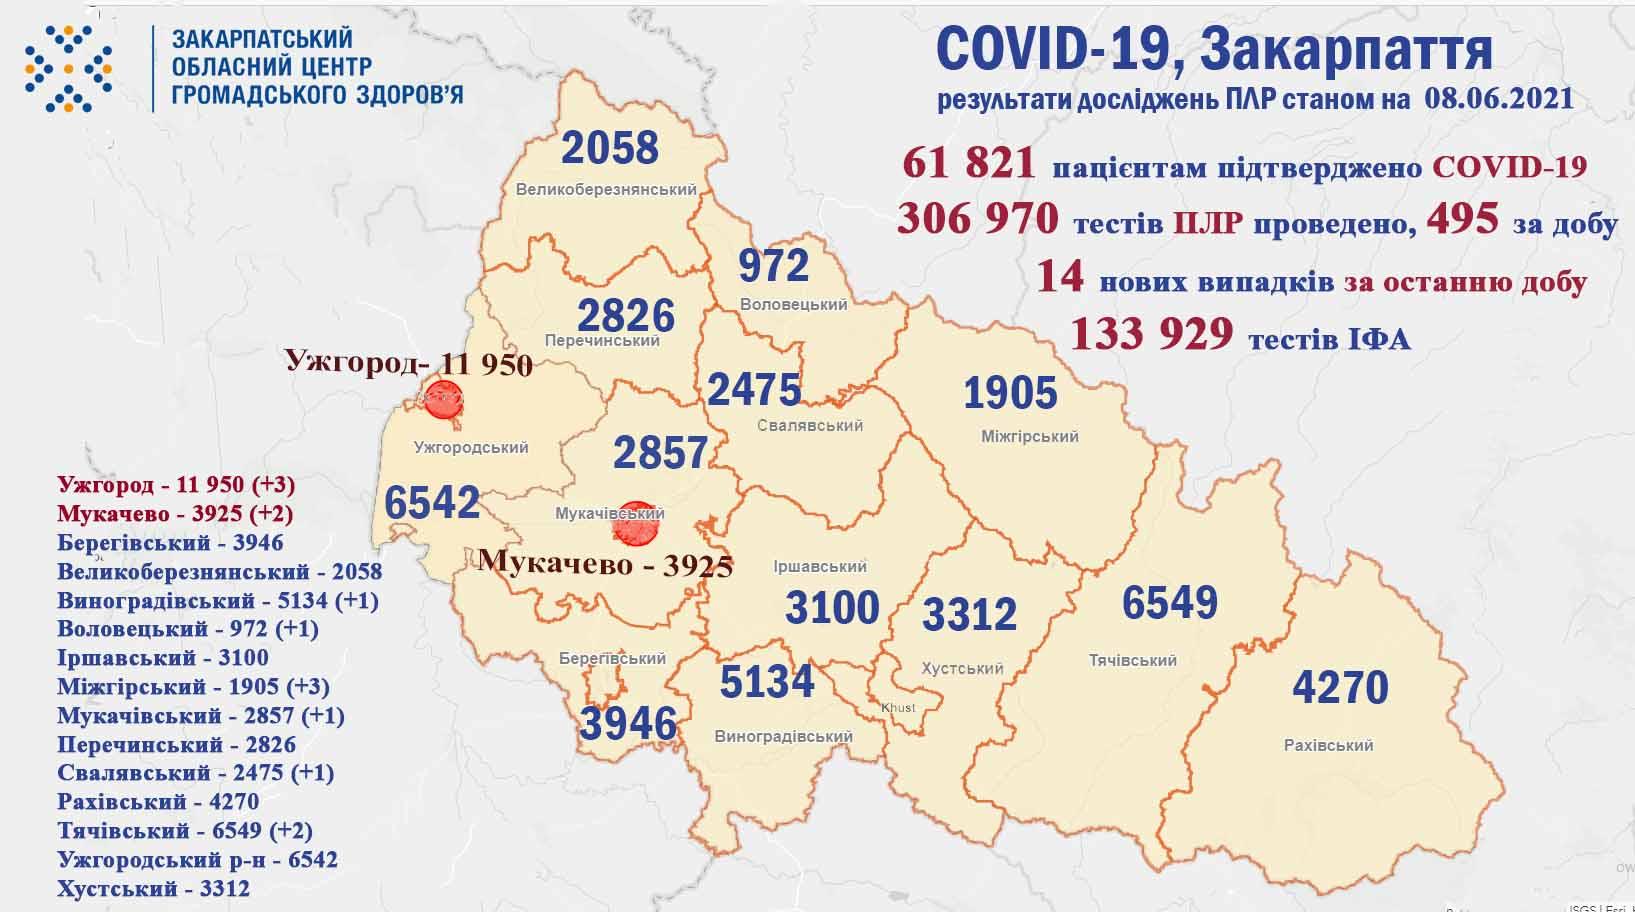 Протягом минулої доби на Закарпатті виявлено 14 випадків COVID-19